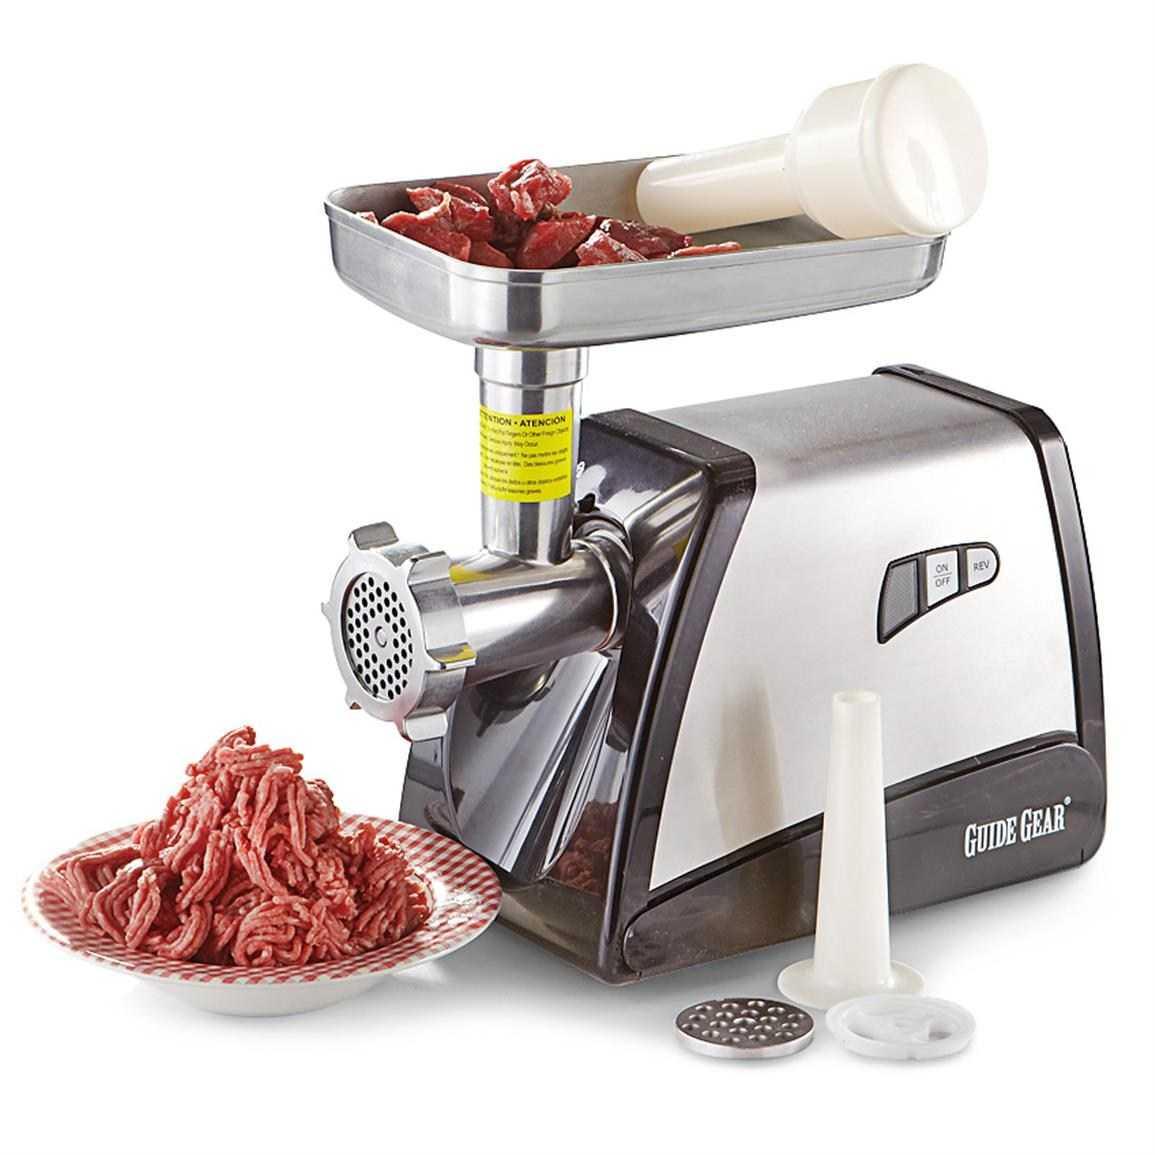 Как выбрать мясорубку для кухни: 5 критериев и тонкости, о которых вы должны помнить перед покупкой + рейтинг лучших моделей по цене